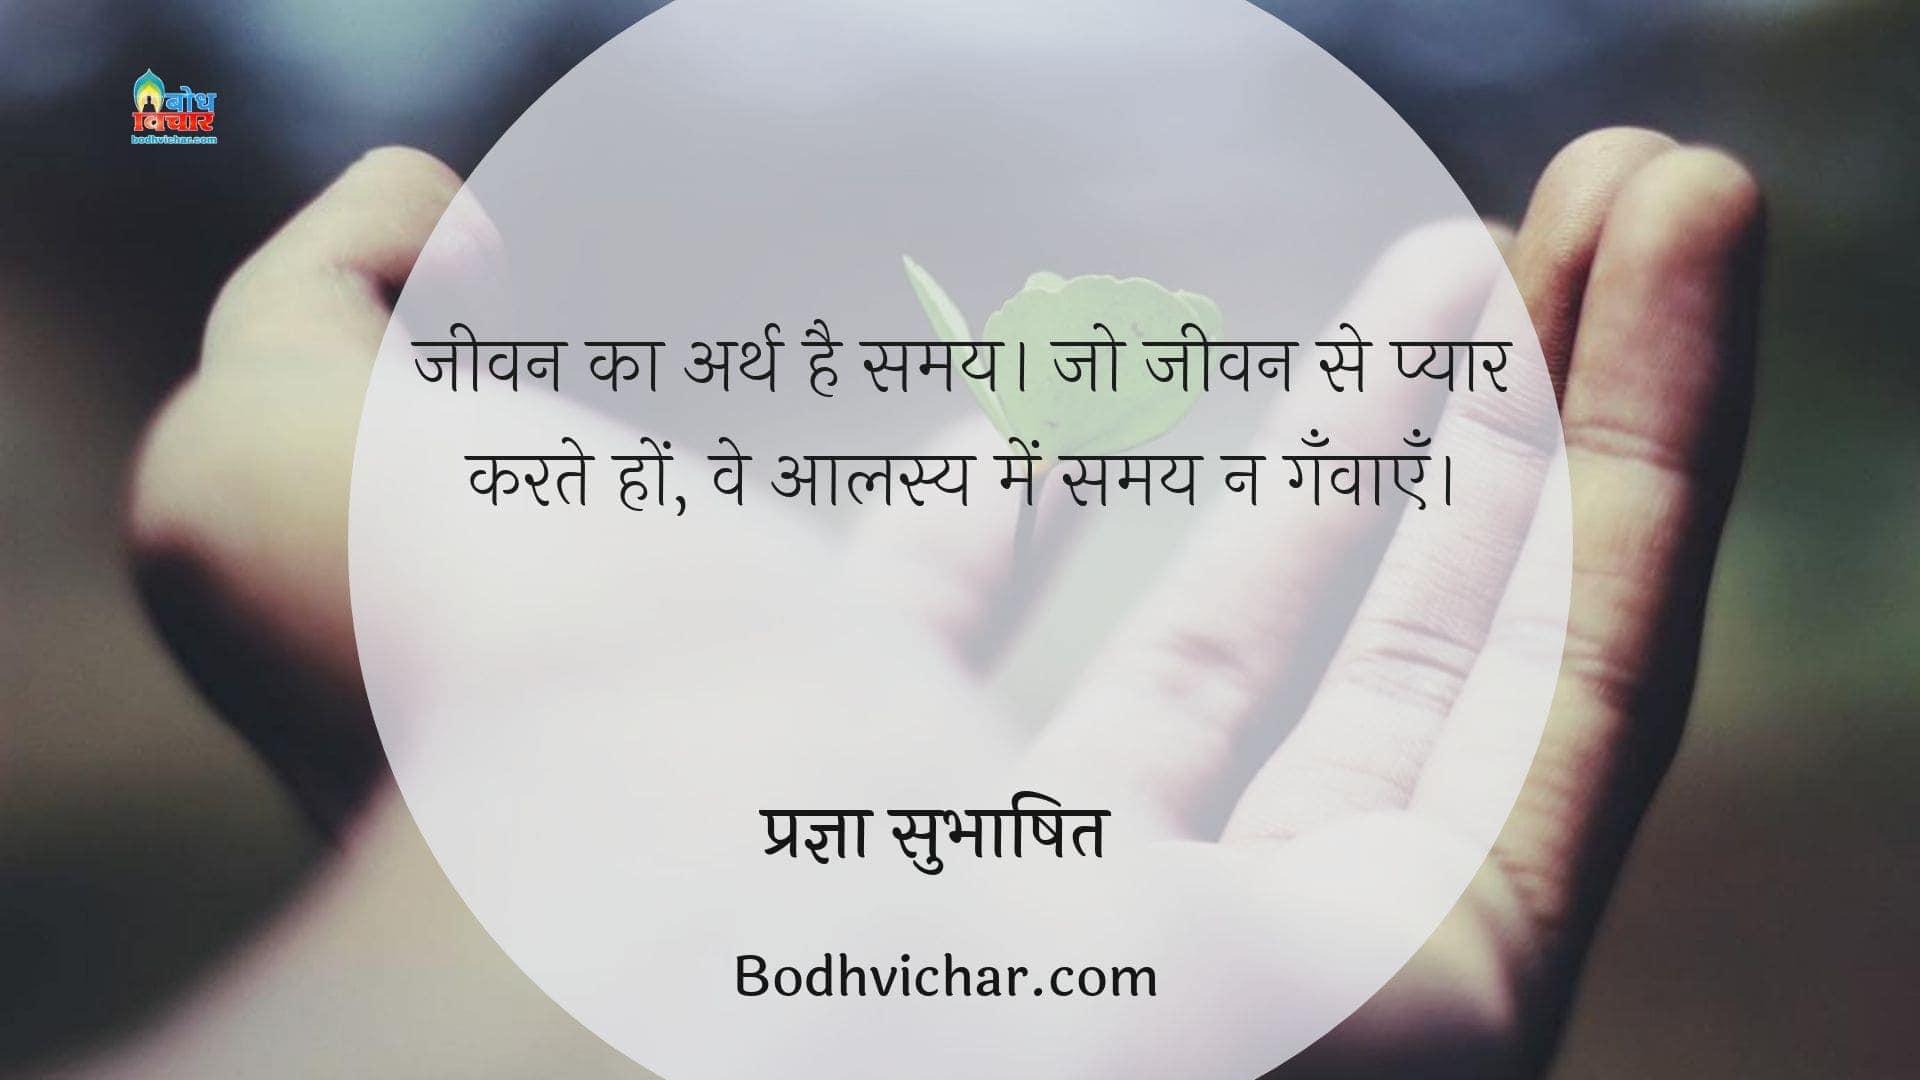 जीवन का अर्थ है समय। जो जीवन से प्यार करते हों, वे आलस्य में समय न गँवाएँ। : Jeevan ka arth hai samay. jo jeevan se pyar karte hain ve alasya me samay na ganvaate. - प्रज्ञा सुभाषित